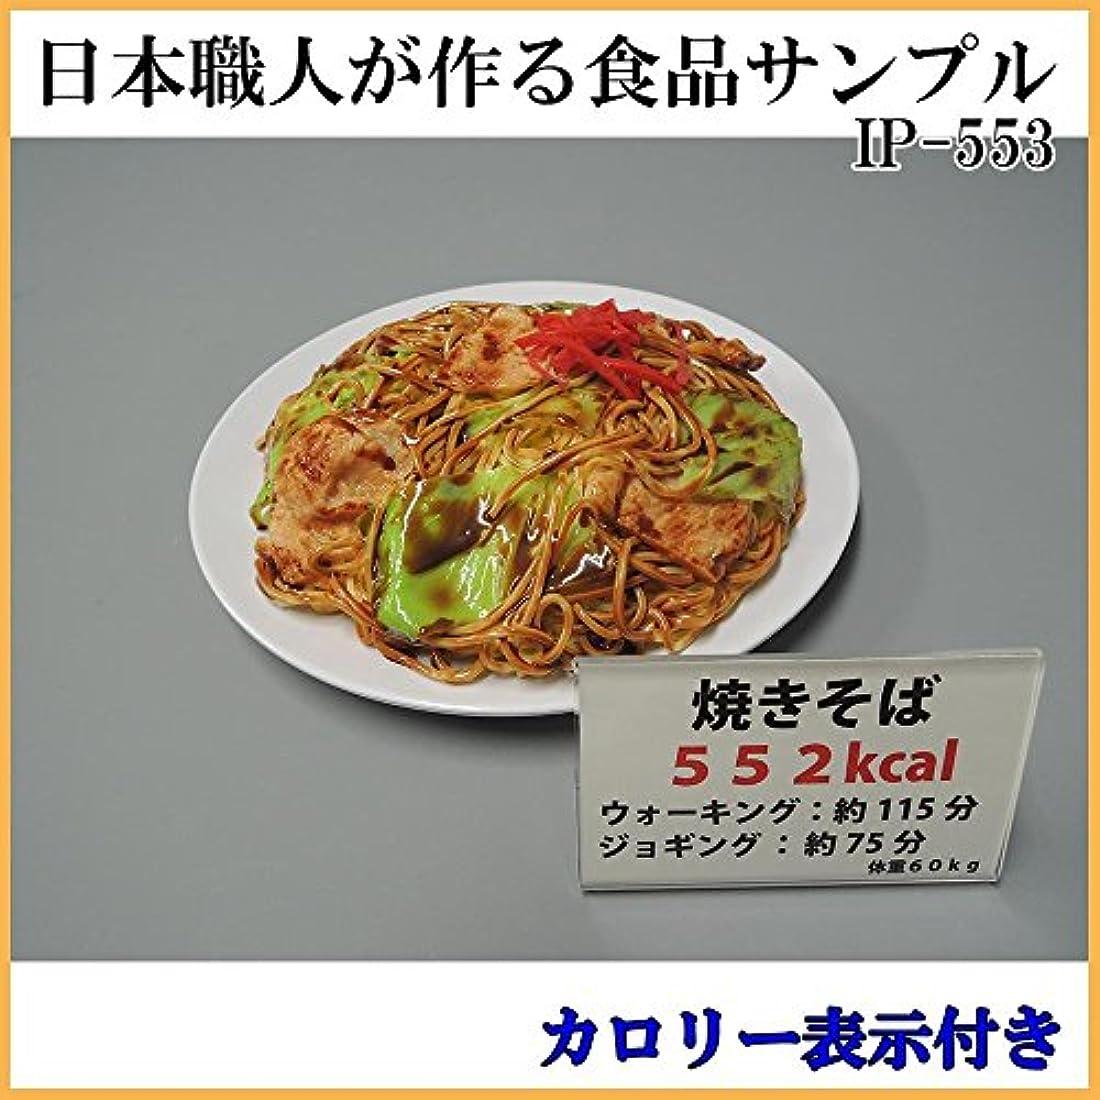 ビタミン昆虫モバイル日本職人が作る 食品サンプル カロリー表示付き 焼きそば IP-553